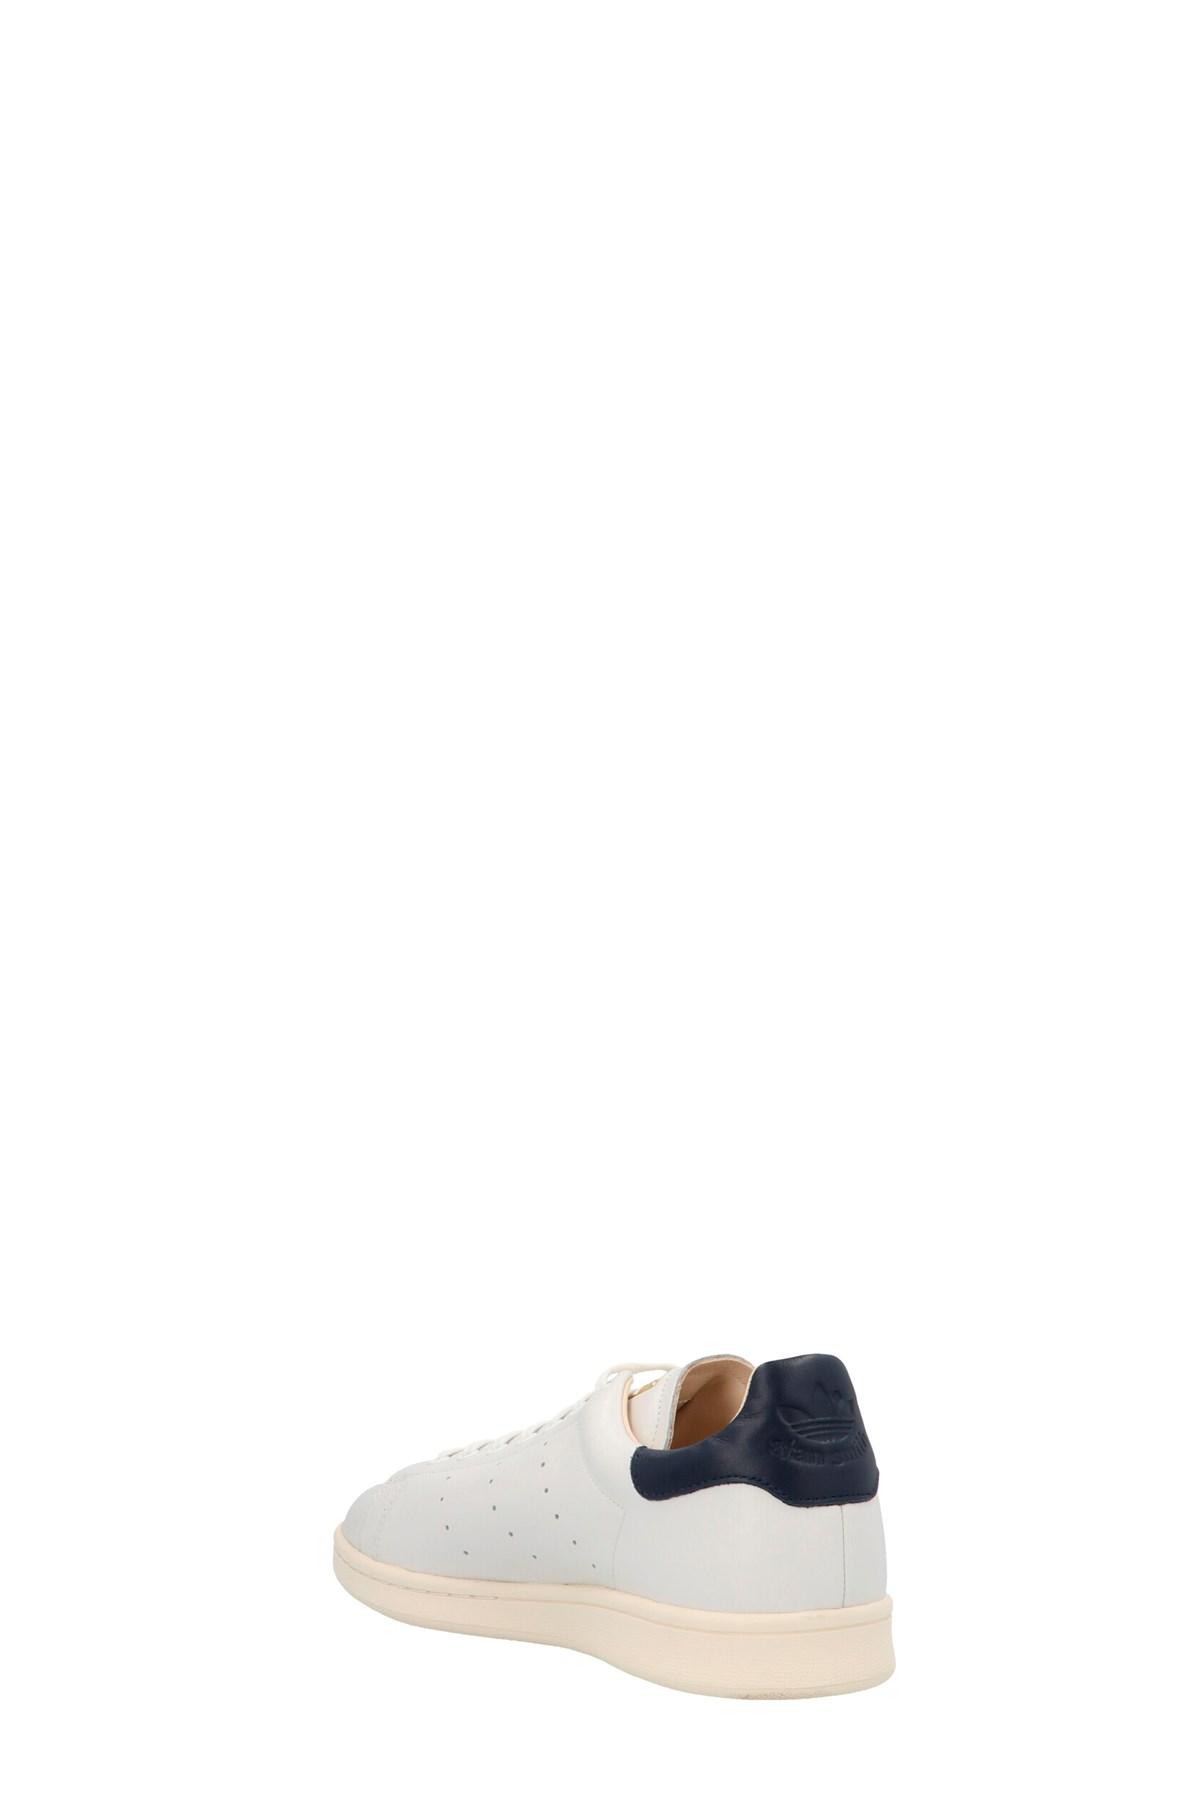 adidas originals 'Stan Smith recon